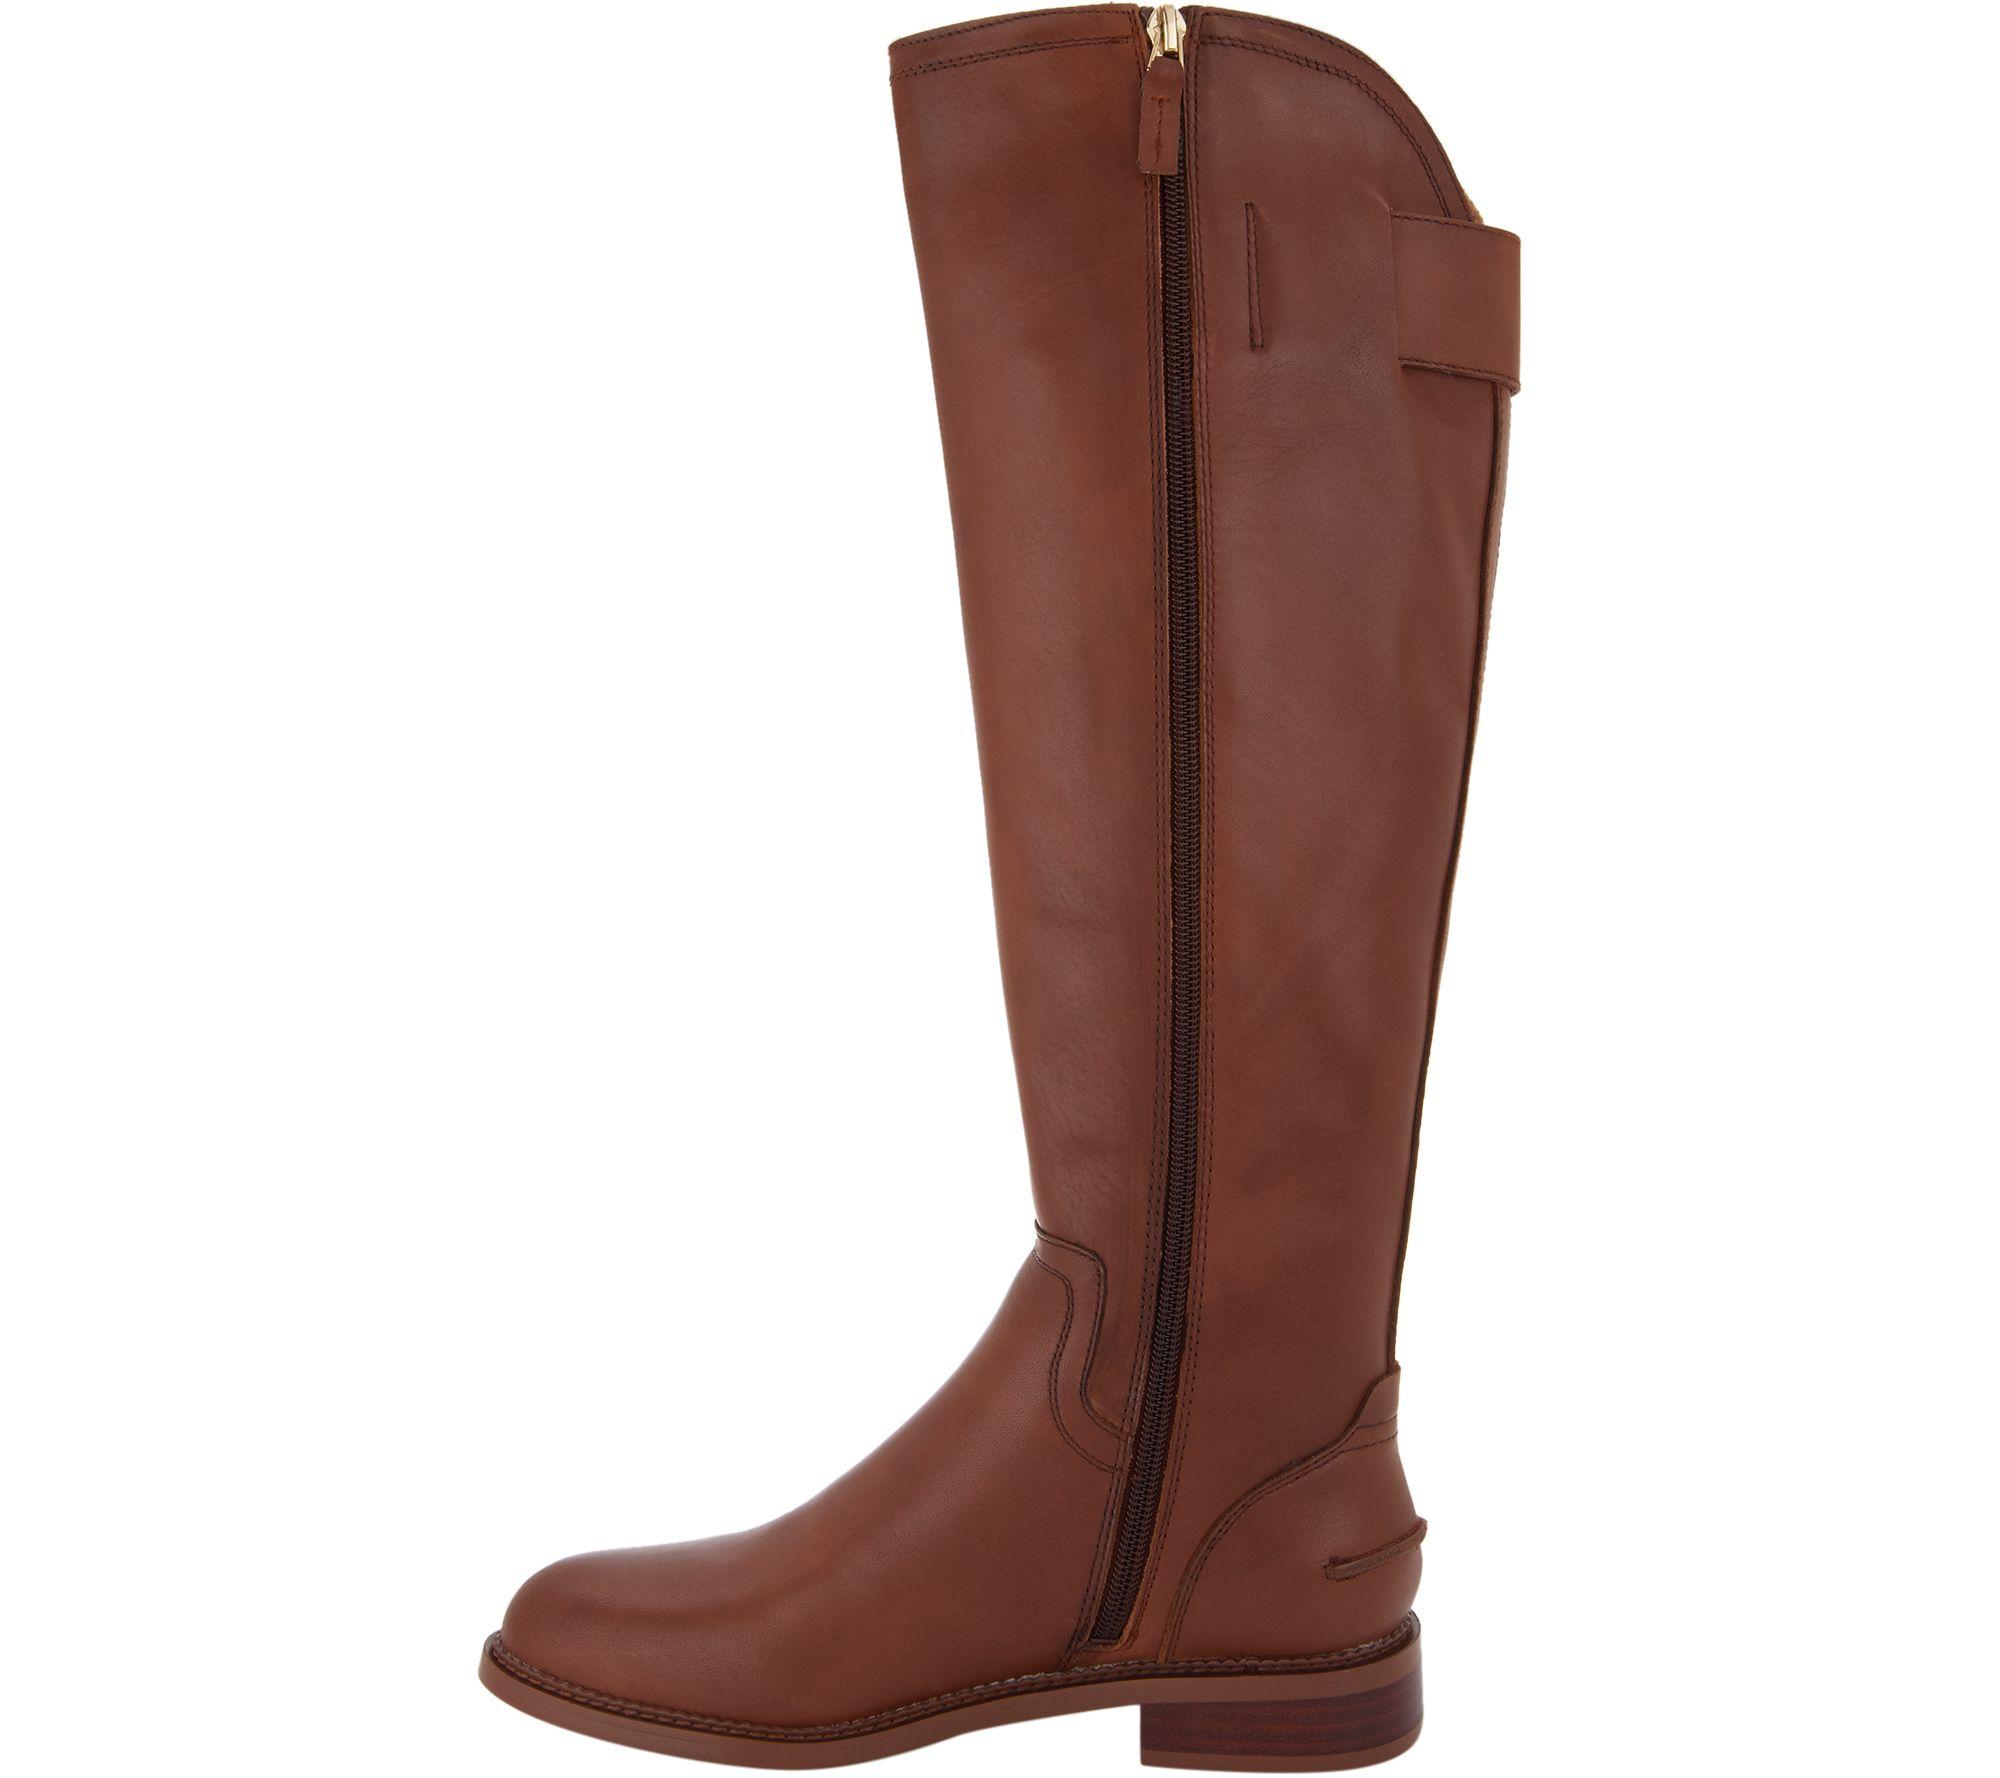 770e6054410 Franco Sarto Leather Wide Calf Tall Boots - Henrietta — QVC.com